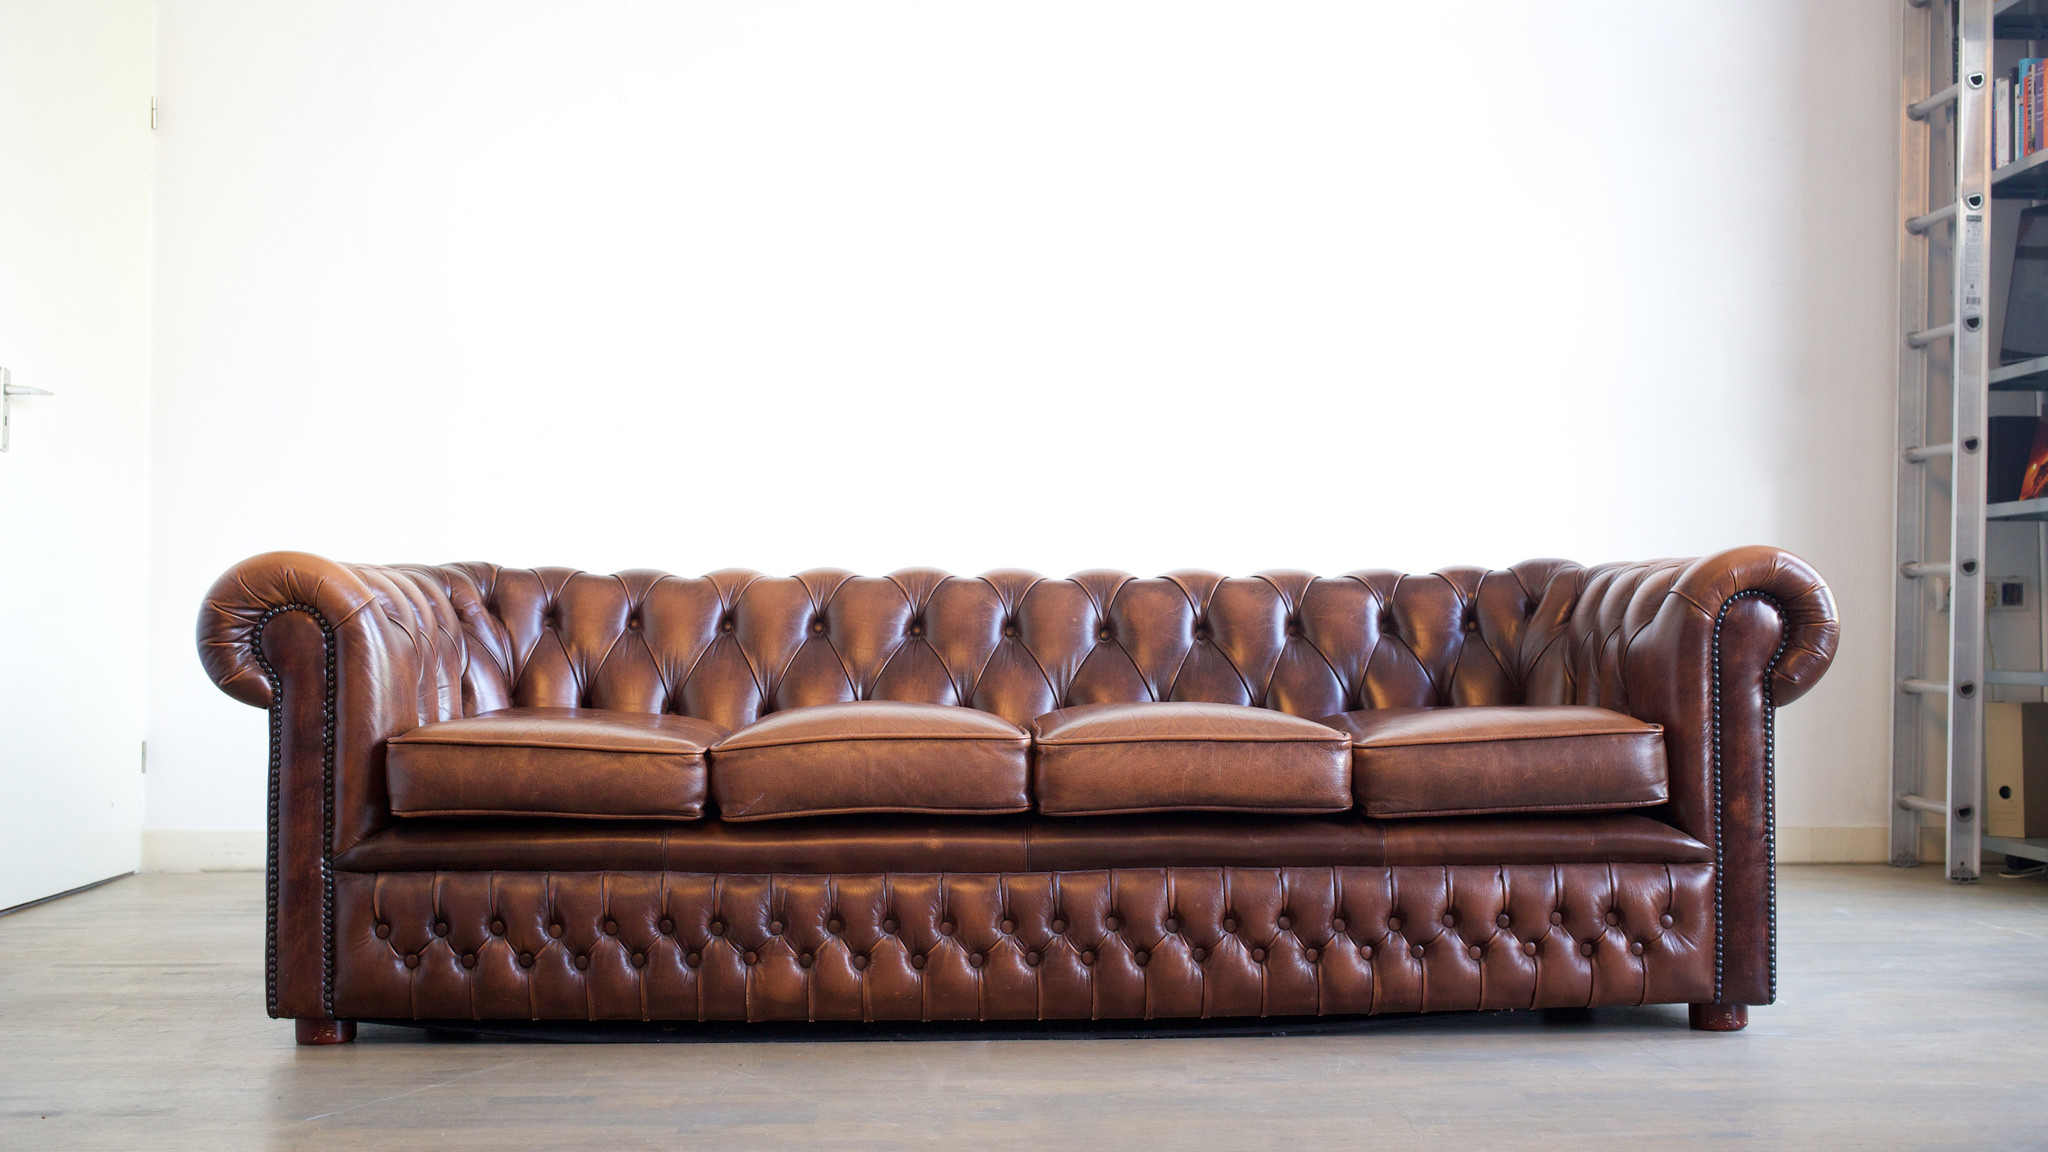 Chesterfield sofa der englische klassiker der sofa berater parisarafo Choice Image